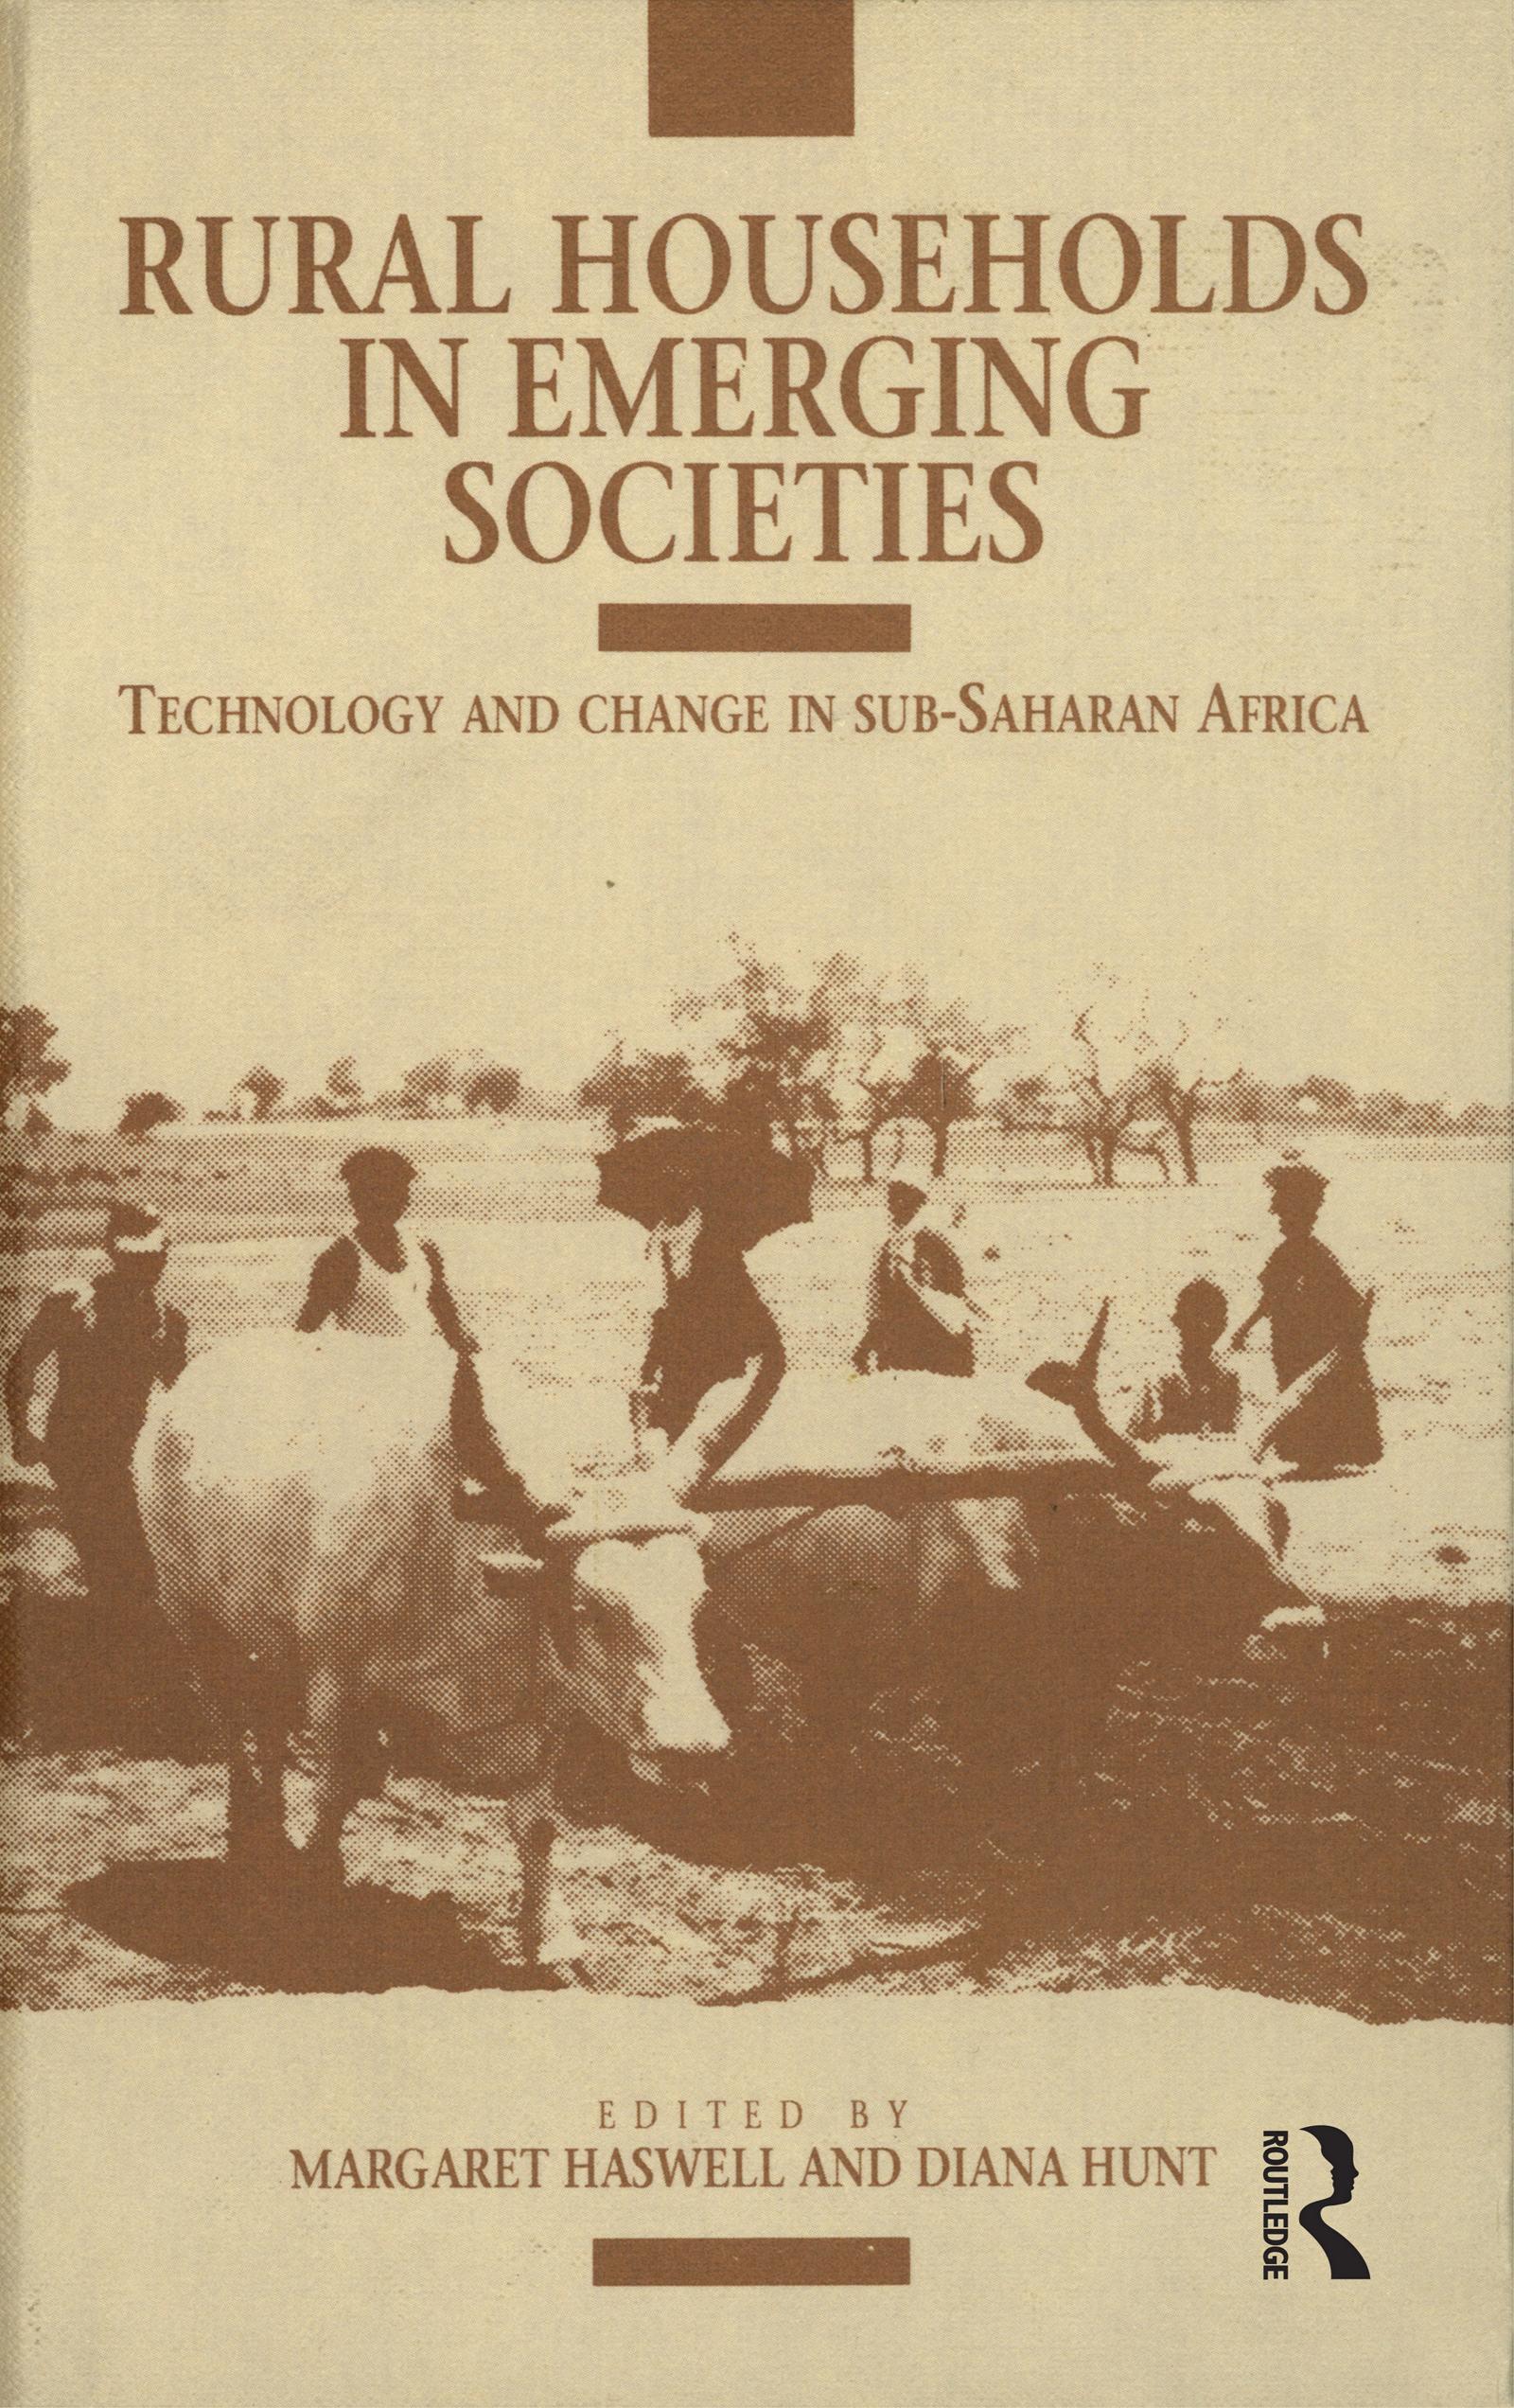 Rural Households in Emerging Societies